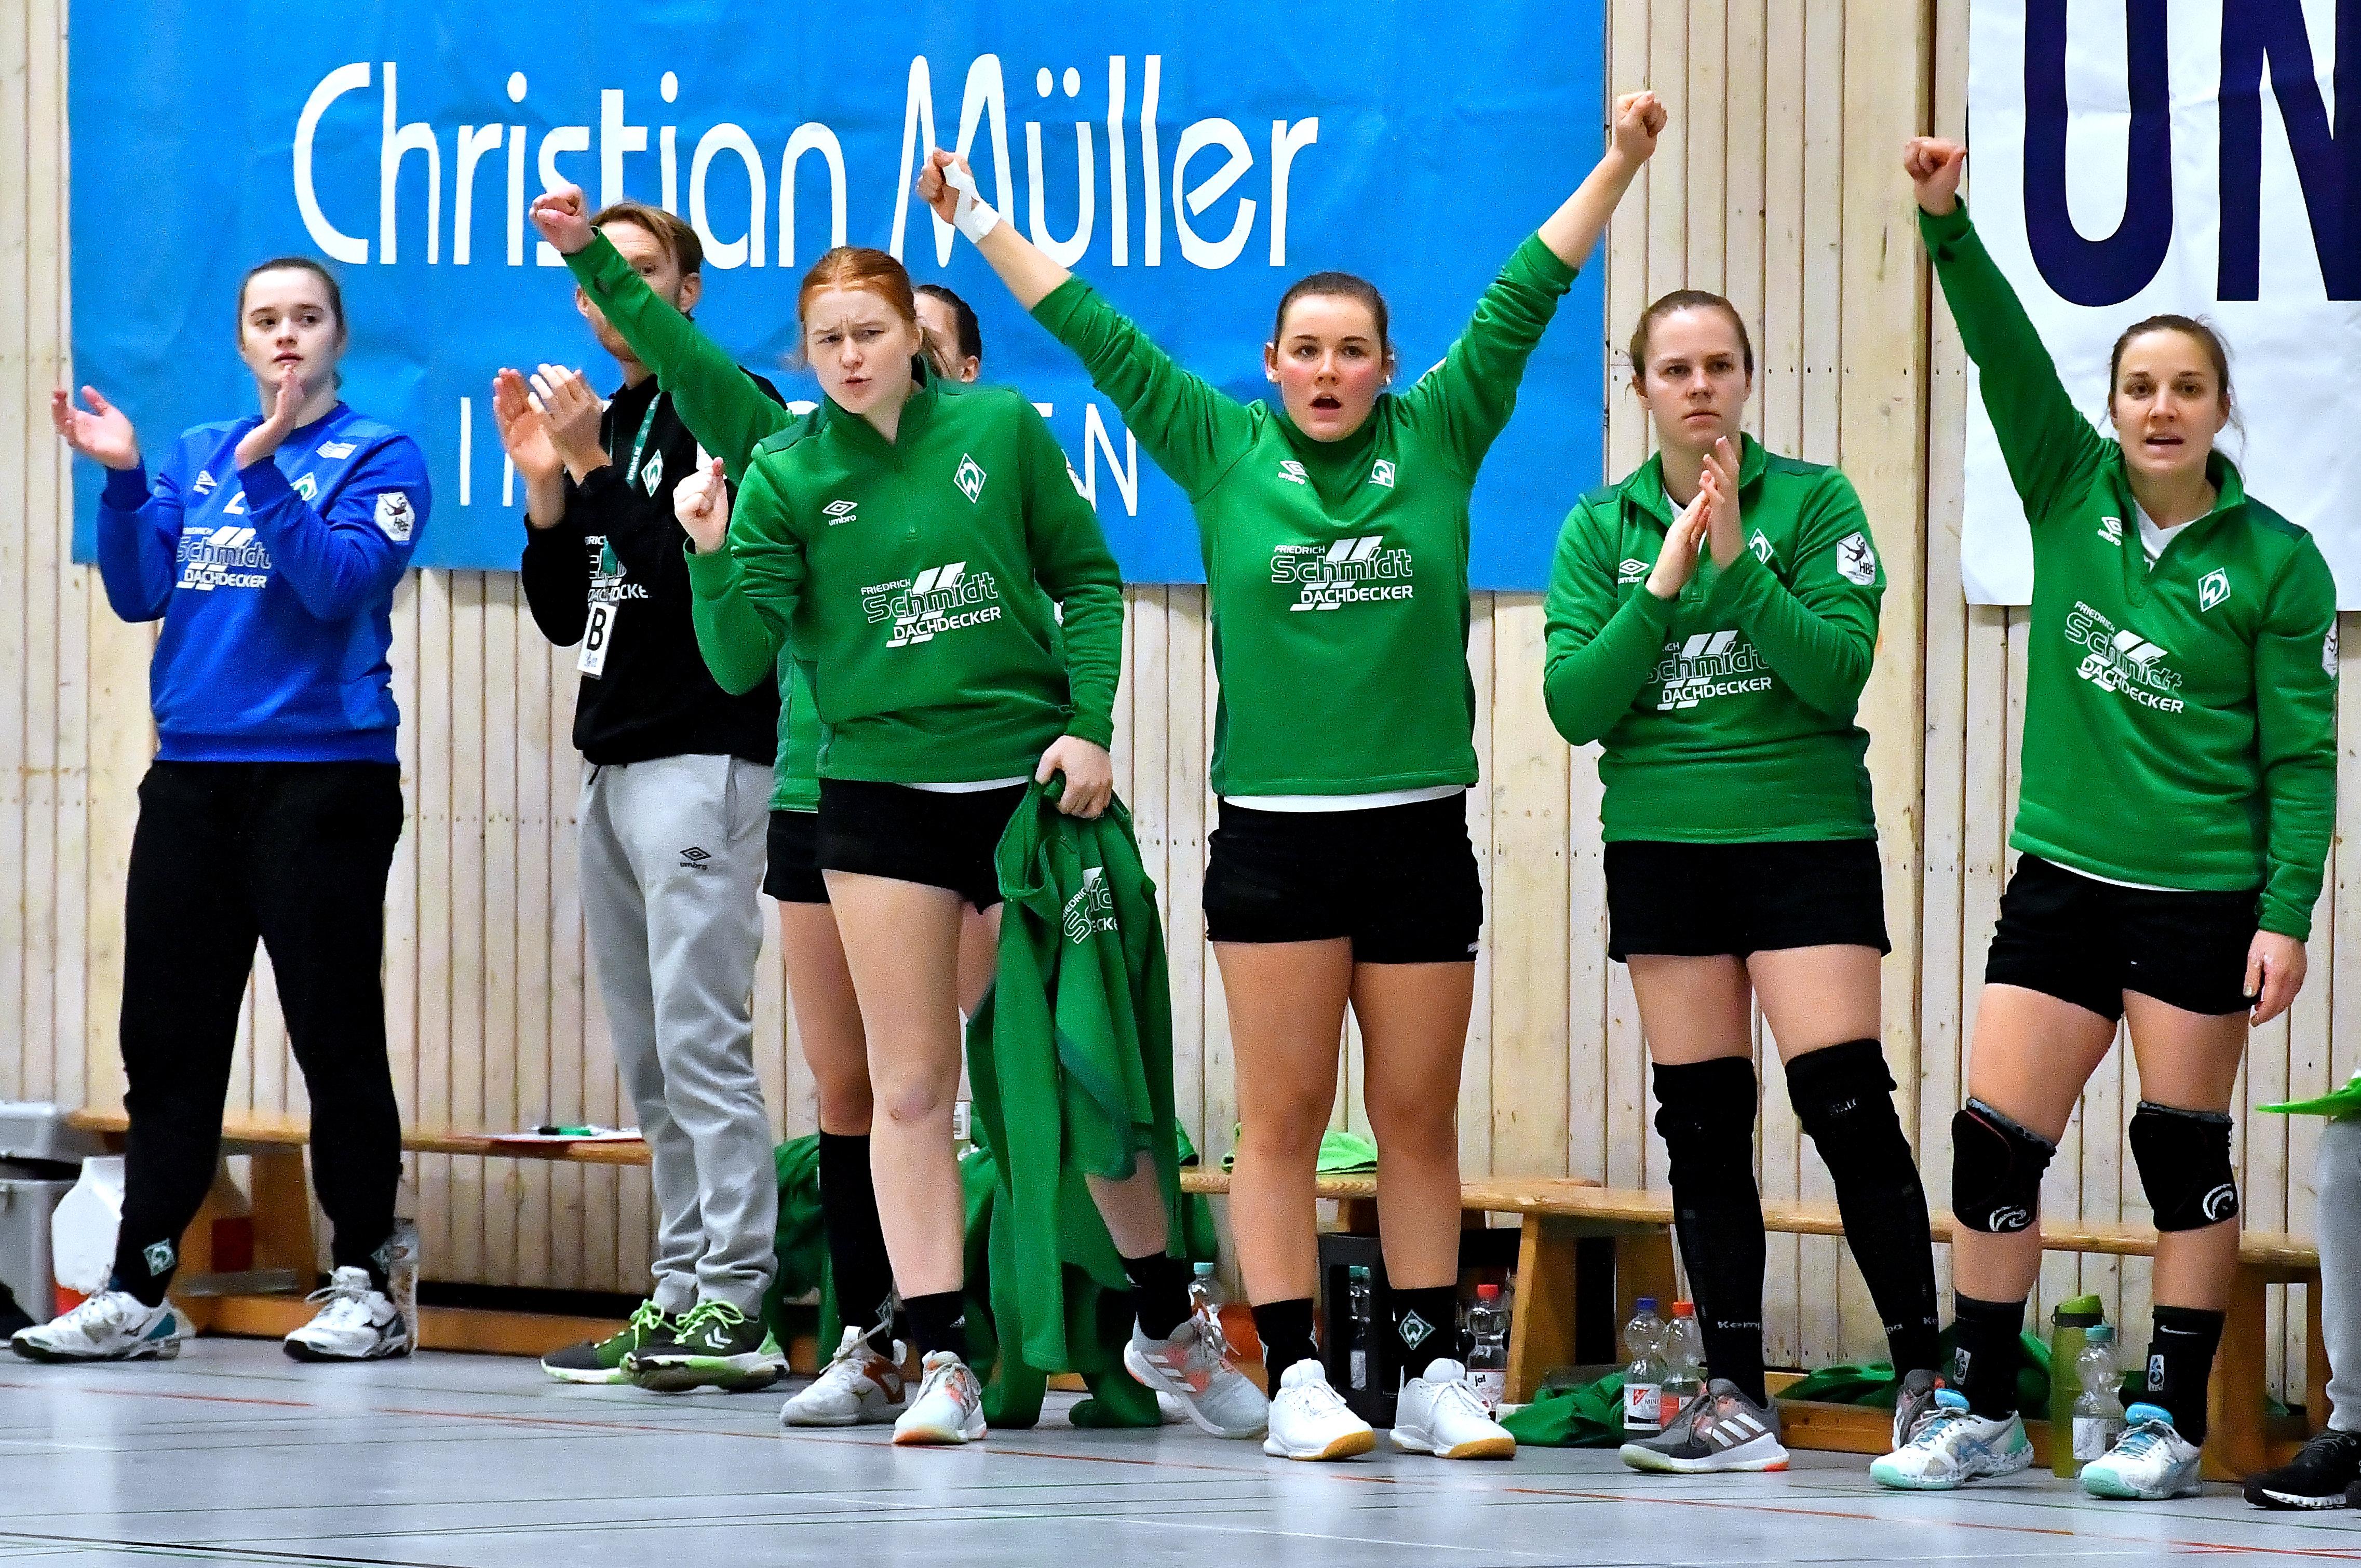 Jubel_2021-01-16_SV_Werder_Bremen_002